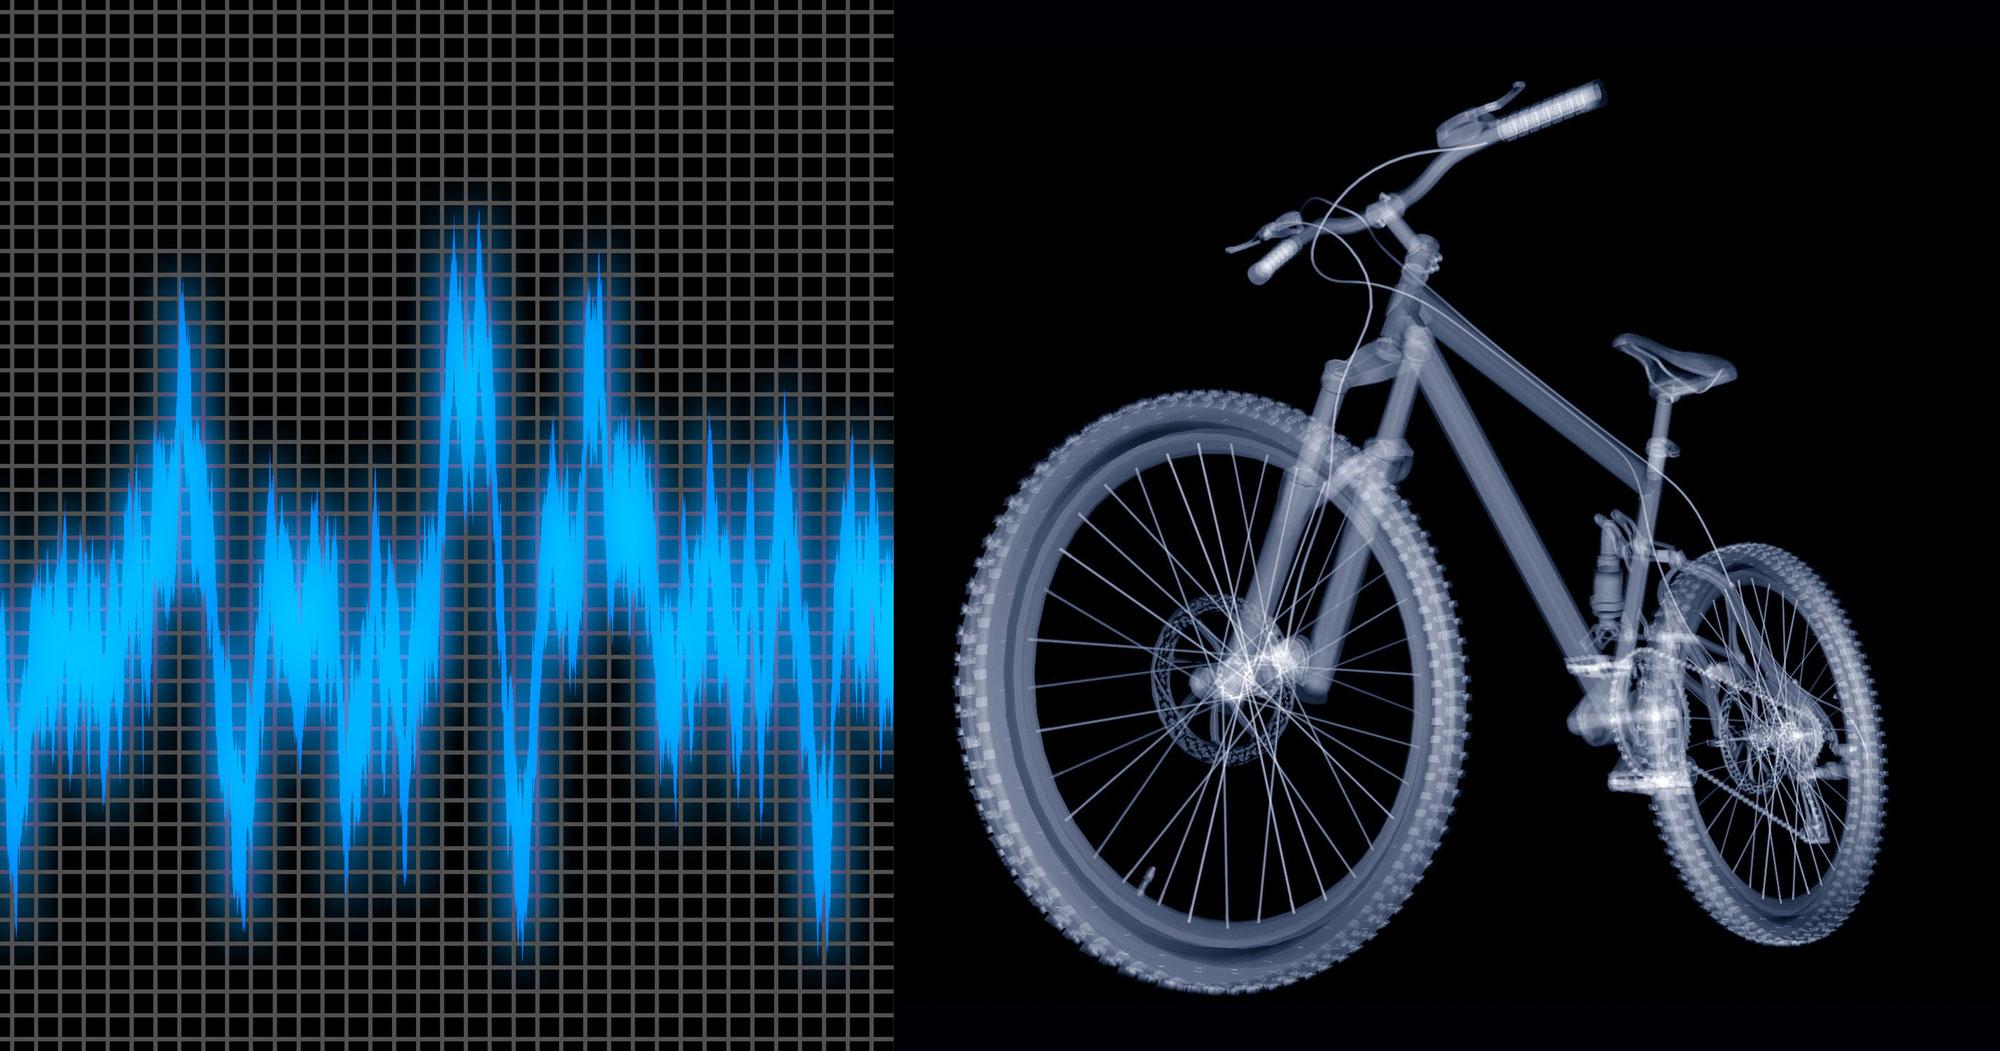 Gebrauchtkauf von Carbonrahmen und Carbonlaufrädern